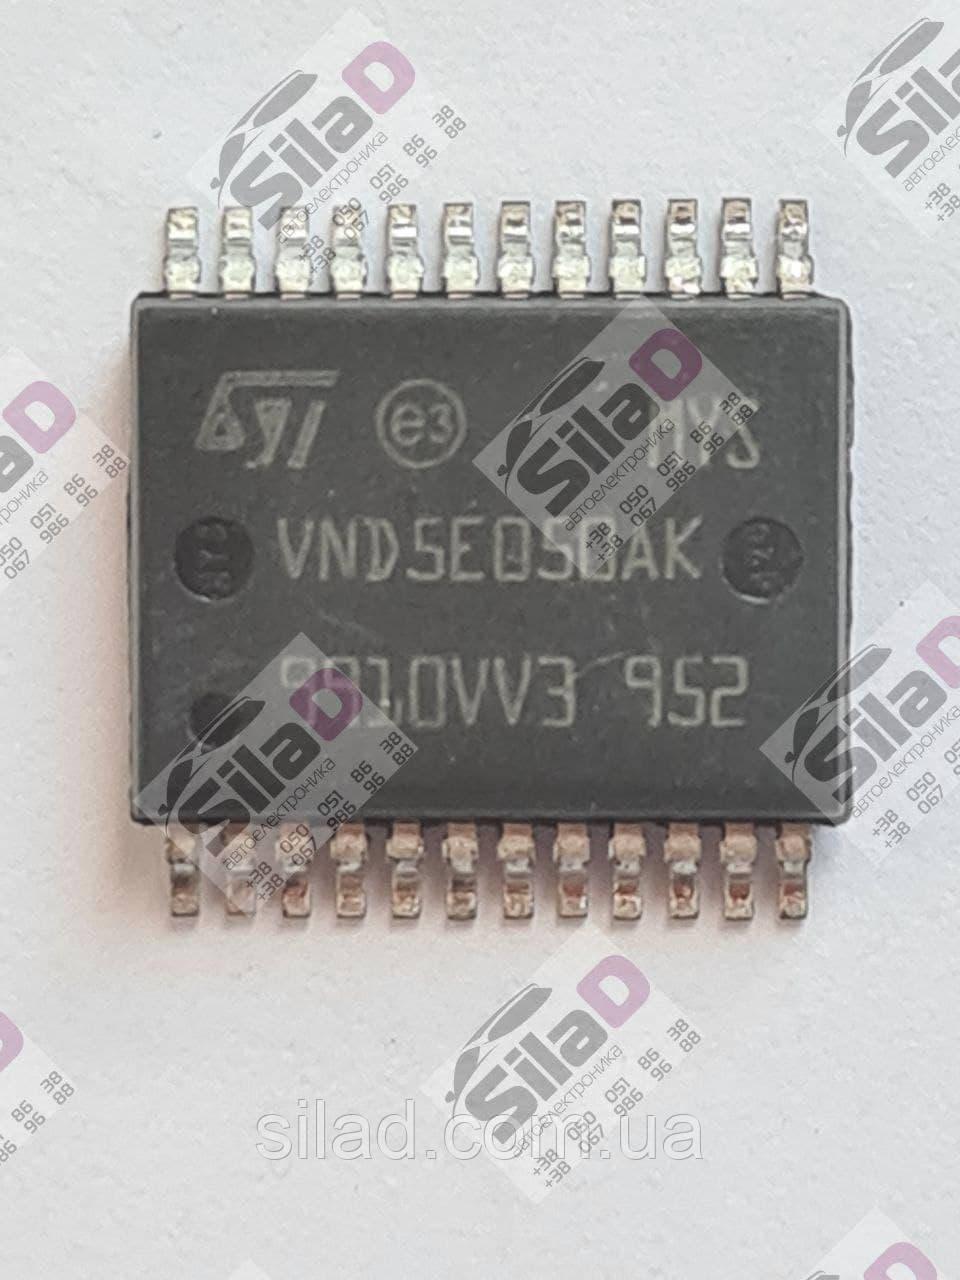 Микросхема VND5E050AK STMicroelectronics корпус PowerSSO-24